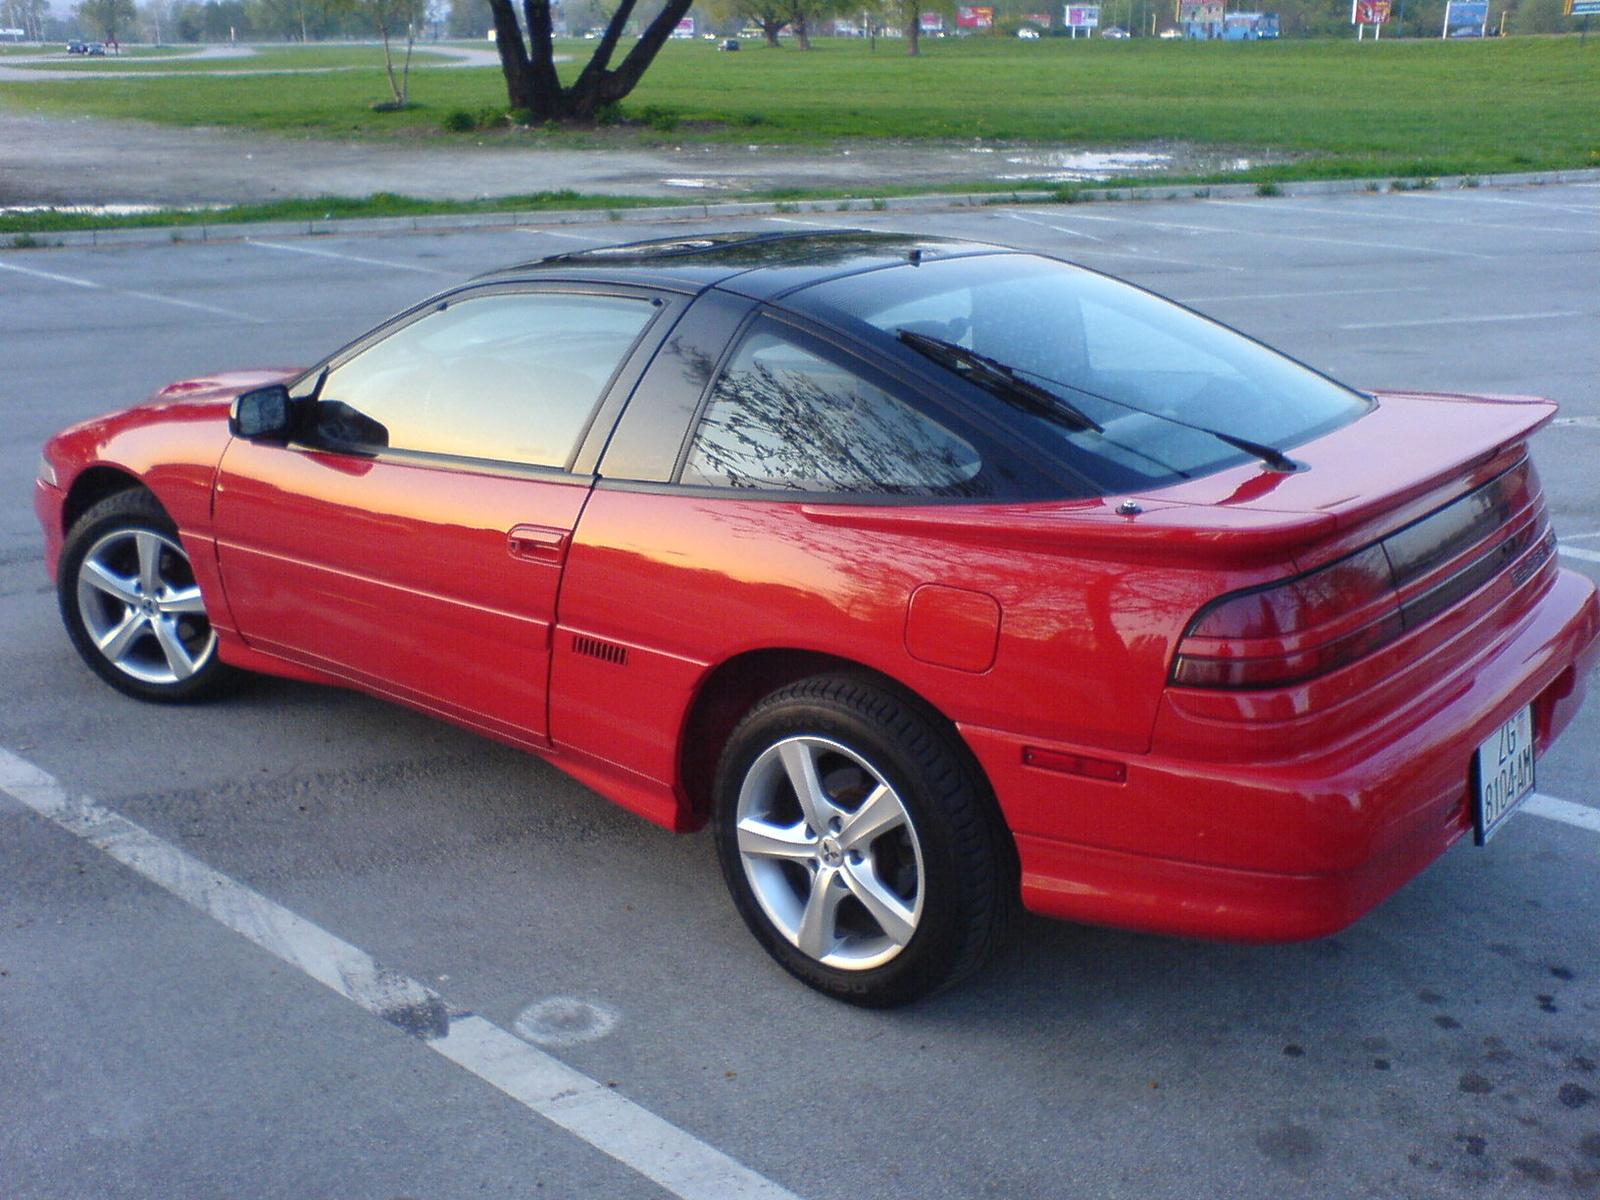 Mitsubishi Eclipse I 1989 - 1995 Coupe #1